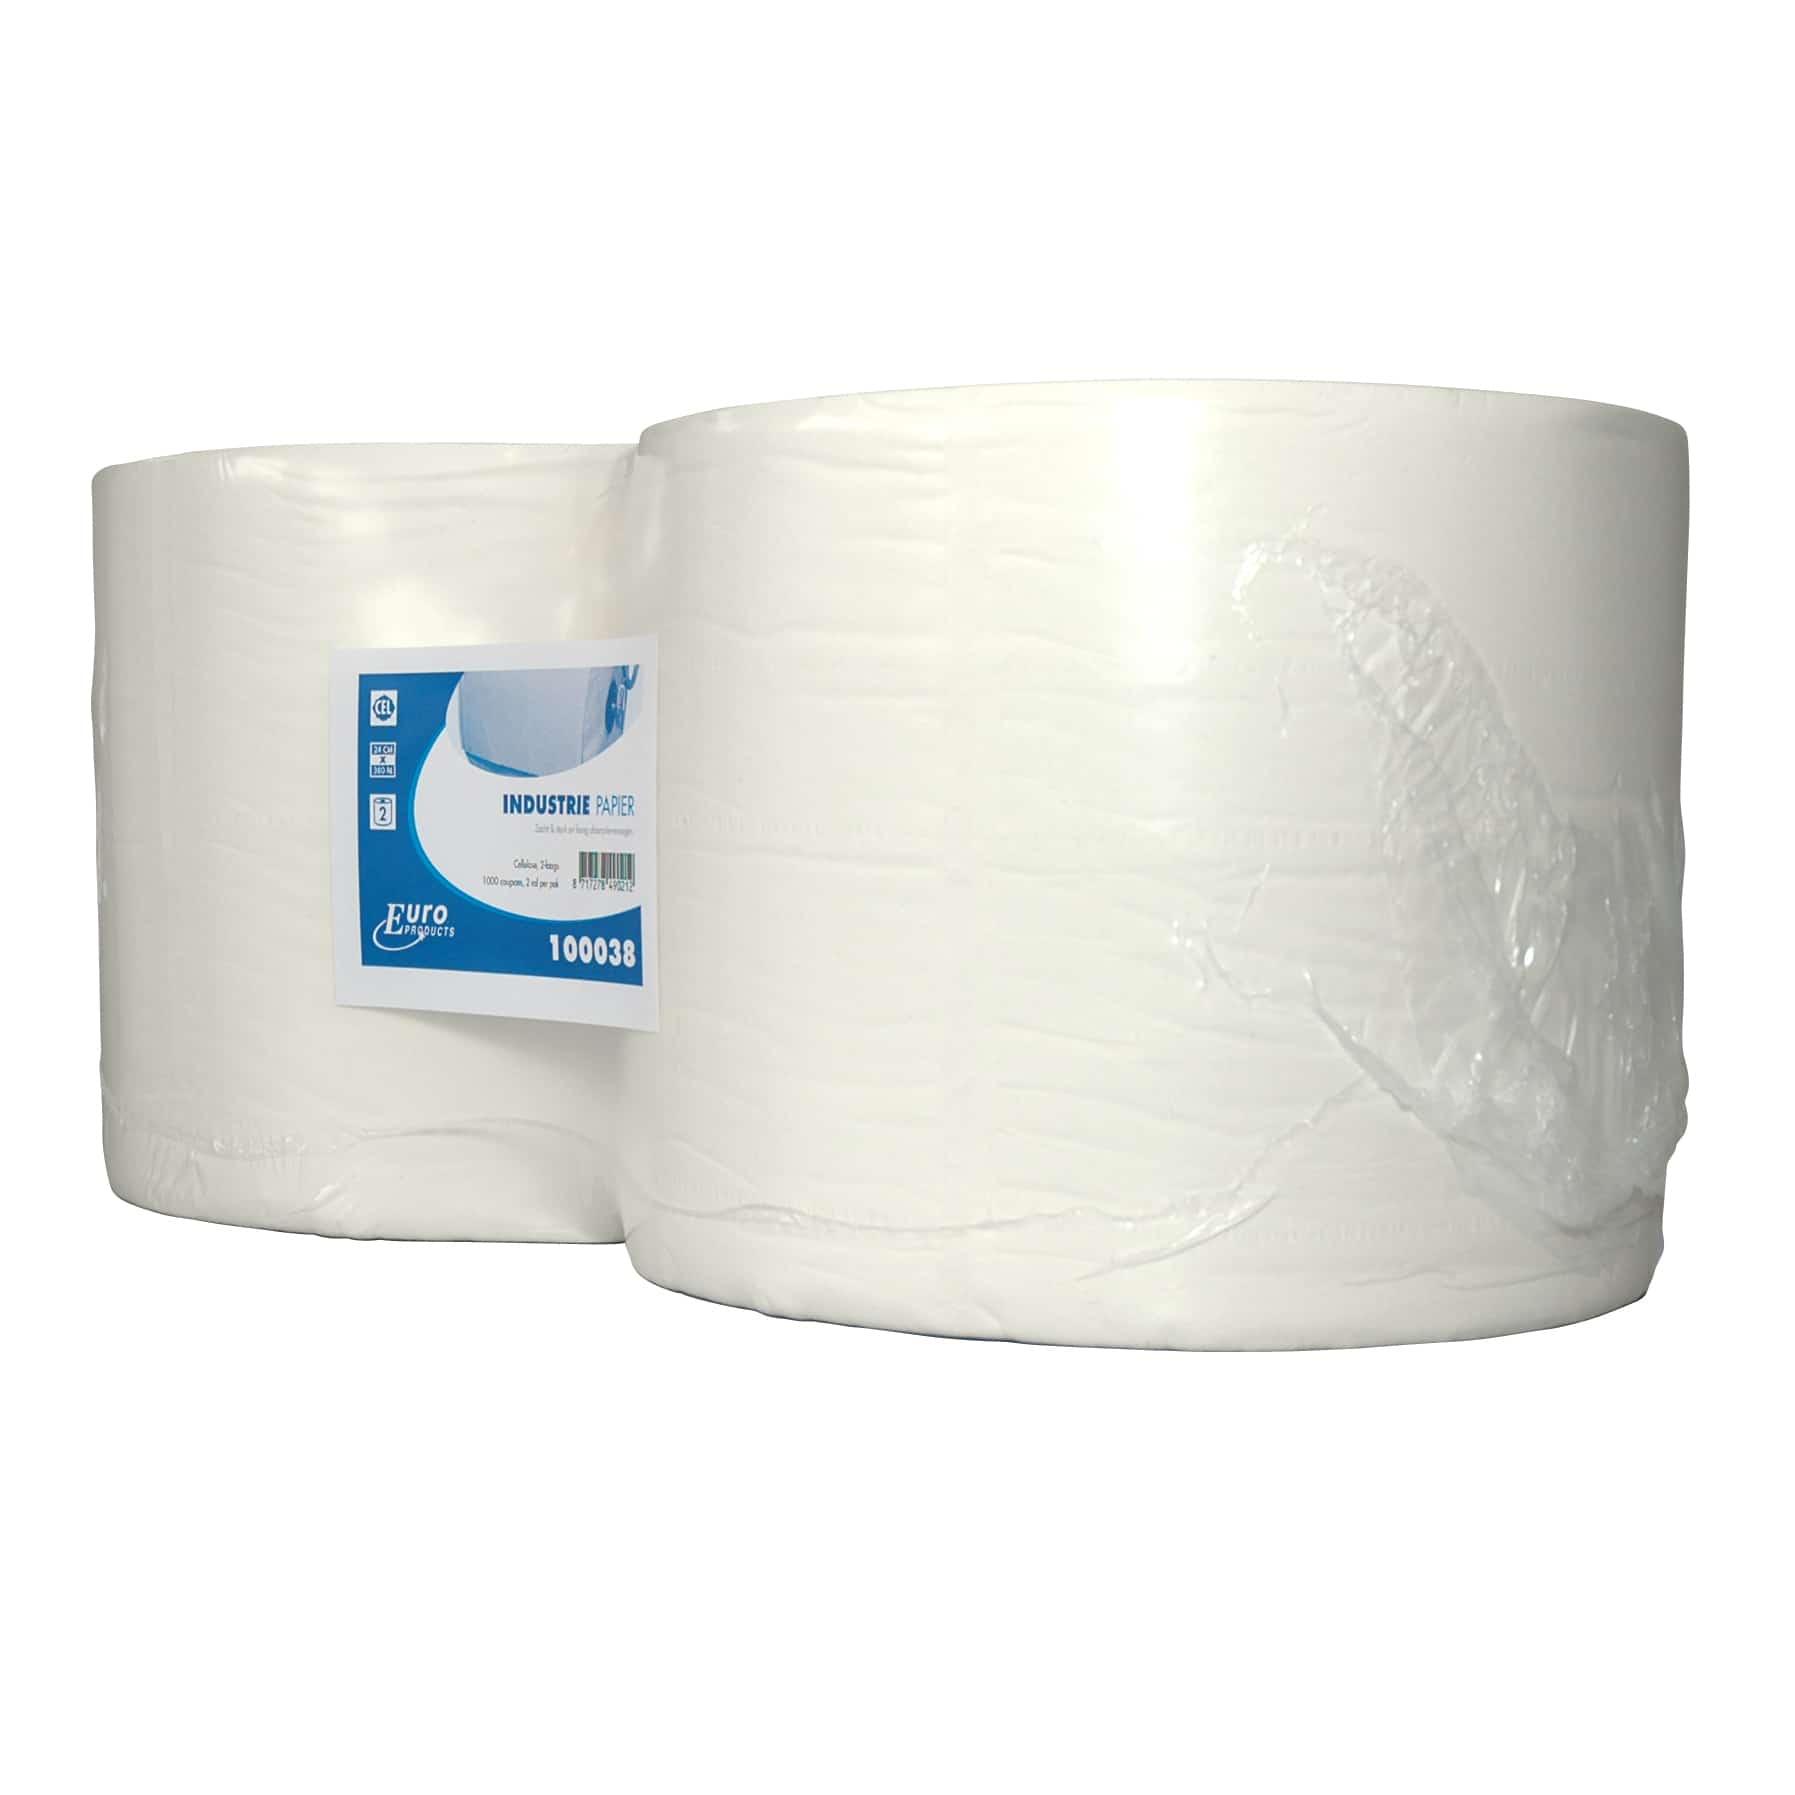 Industriepapier cellulose 1-laags (2 rollen)